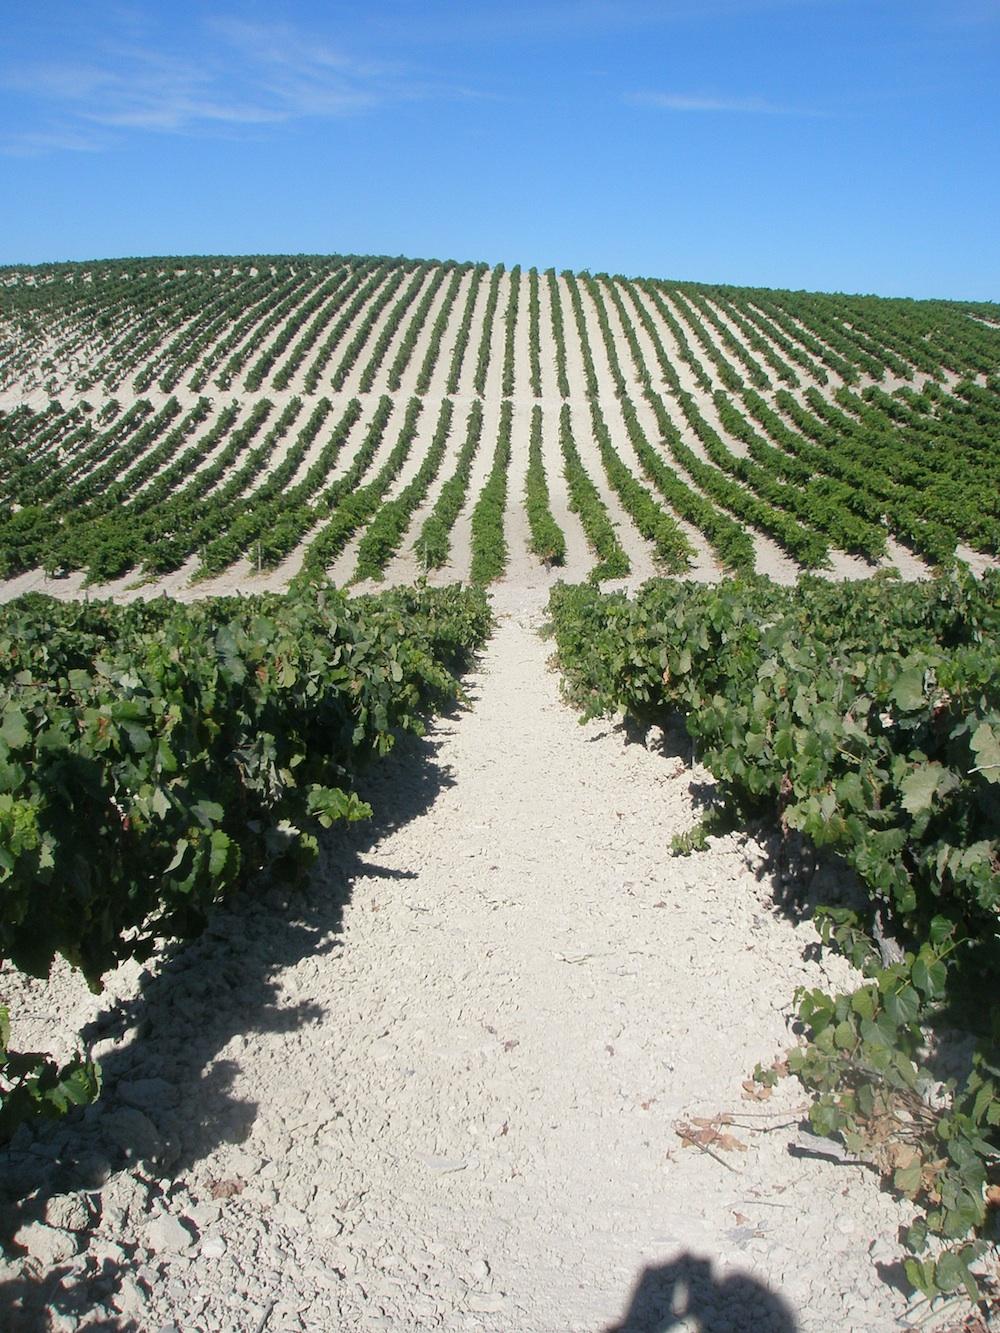 El célebre Pago Macharnudo, de 56 hectáreas, se encuentra a 5 kilómetros al noroeste de Jerez, en el centro de la comarca, en la mejor zona del Jerez Superior. A 135 metros sobre el nivel del mar y orientado al suroeste, tiene una pendiente del 10%, destacando su singular tierra […]